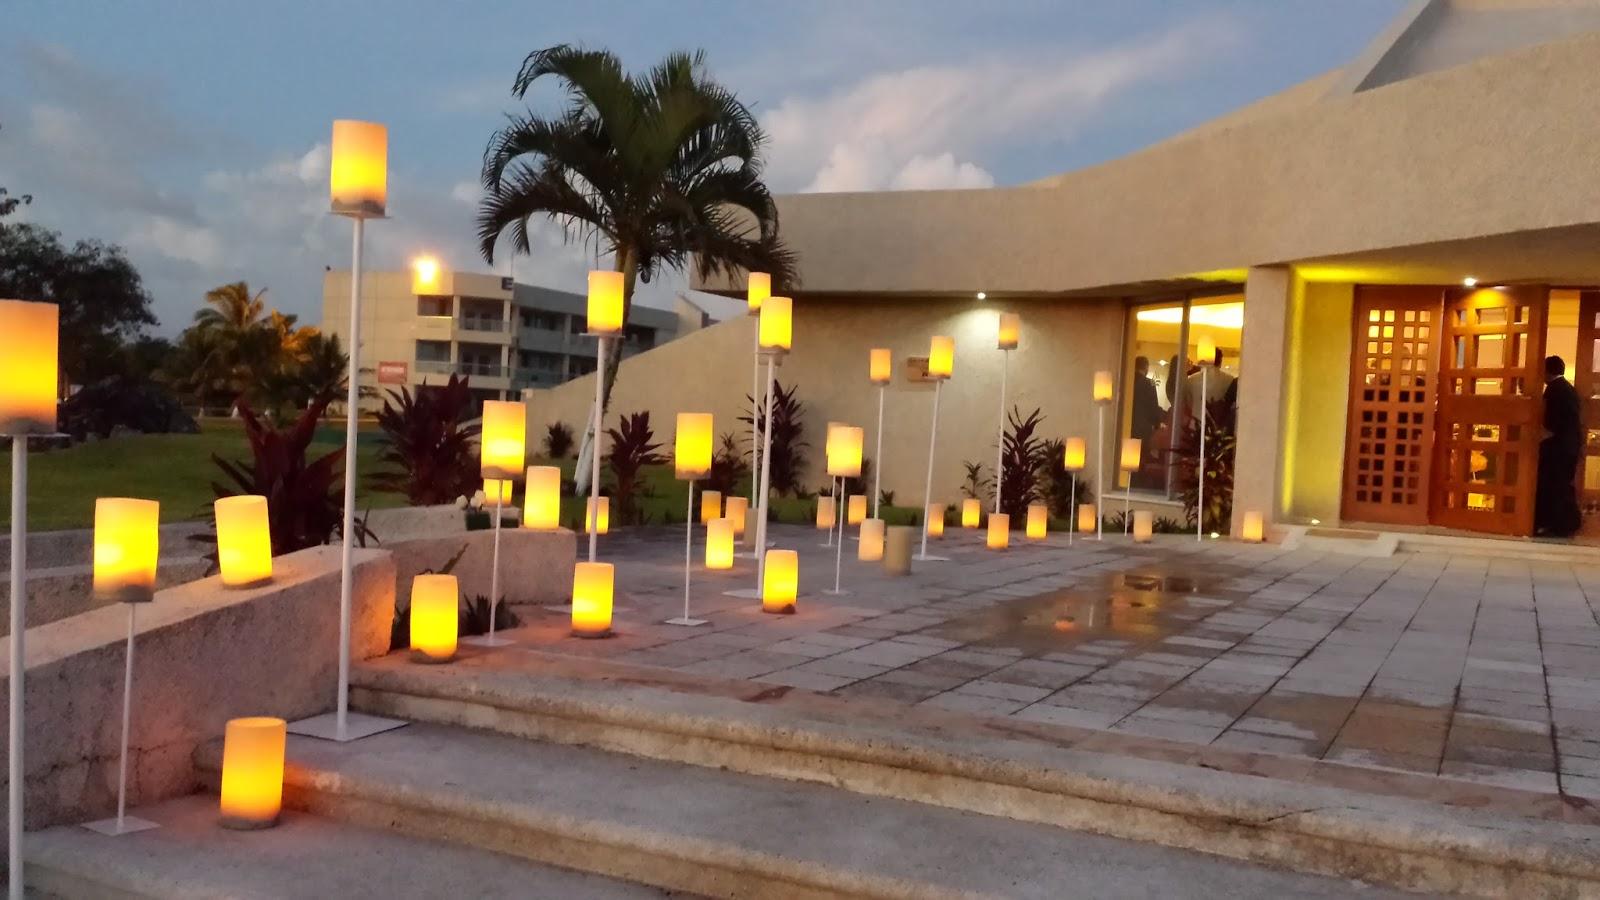 Boda en tonalidades pastel party boutique canc n for Decoracion en cancun